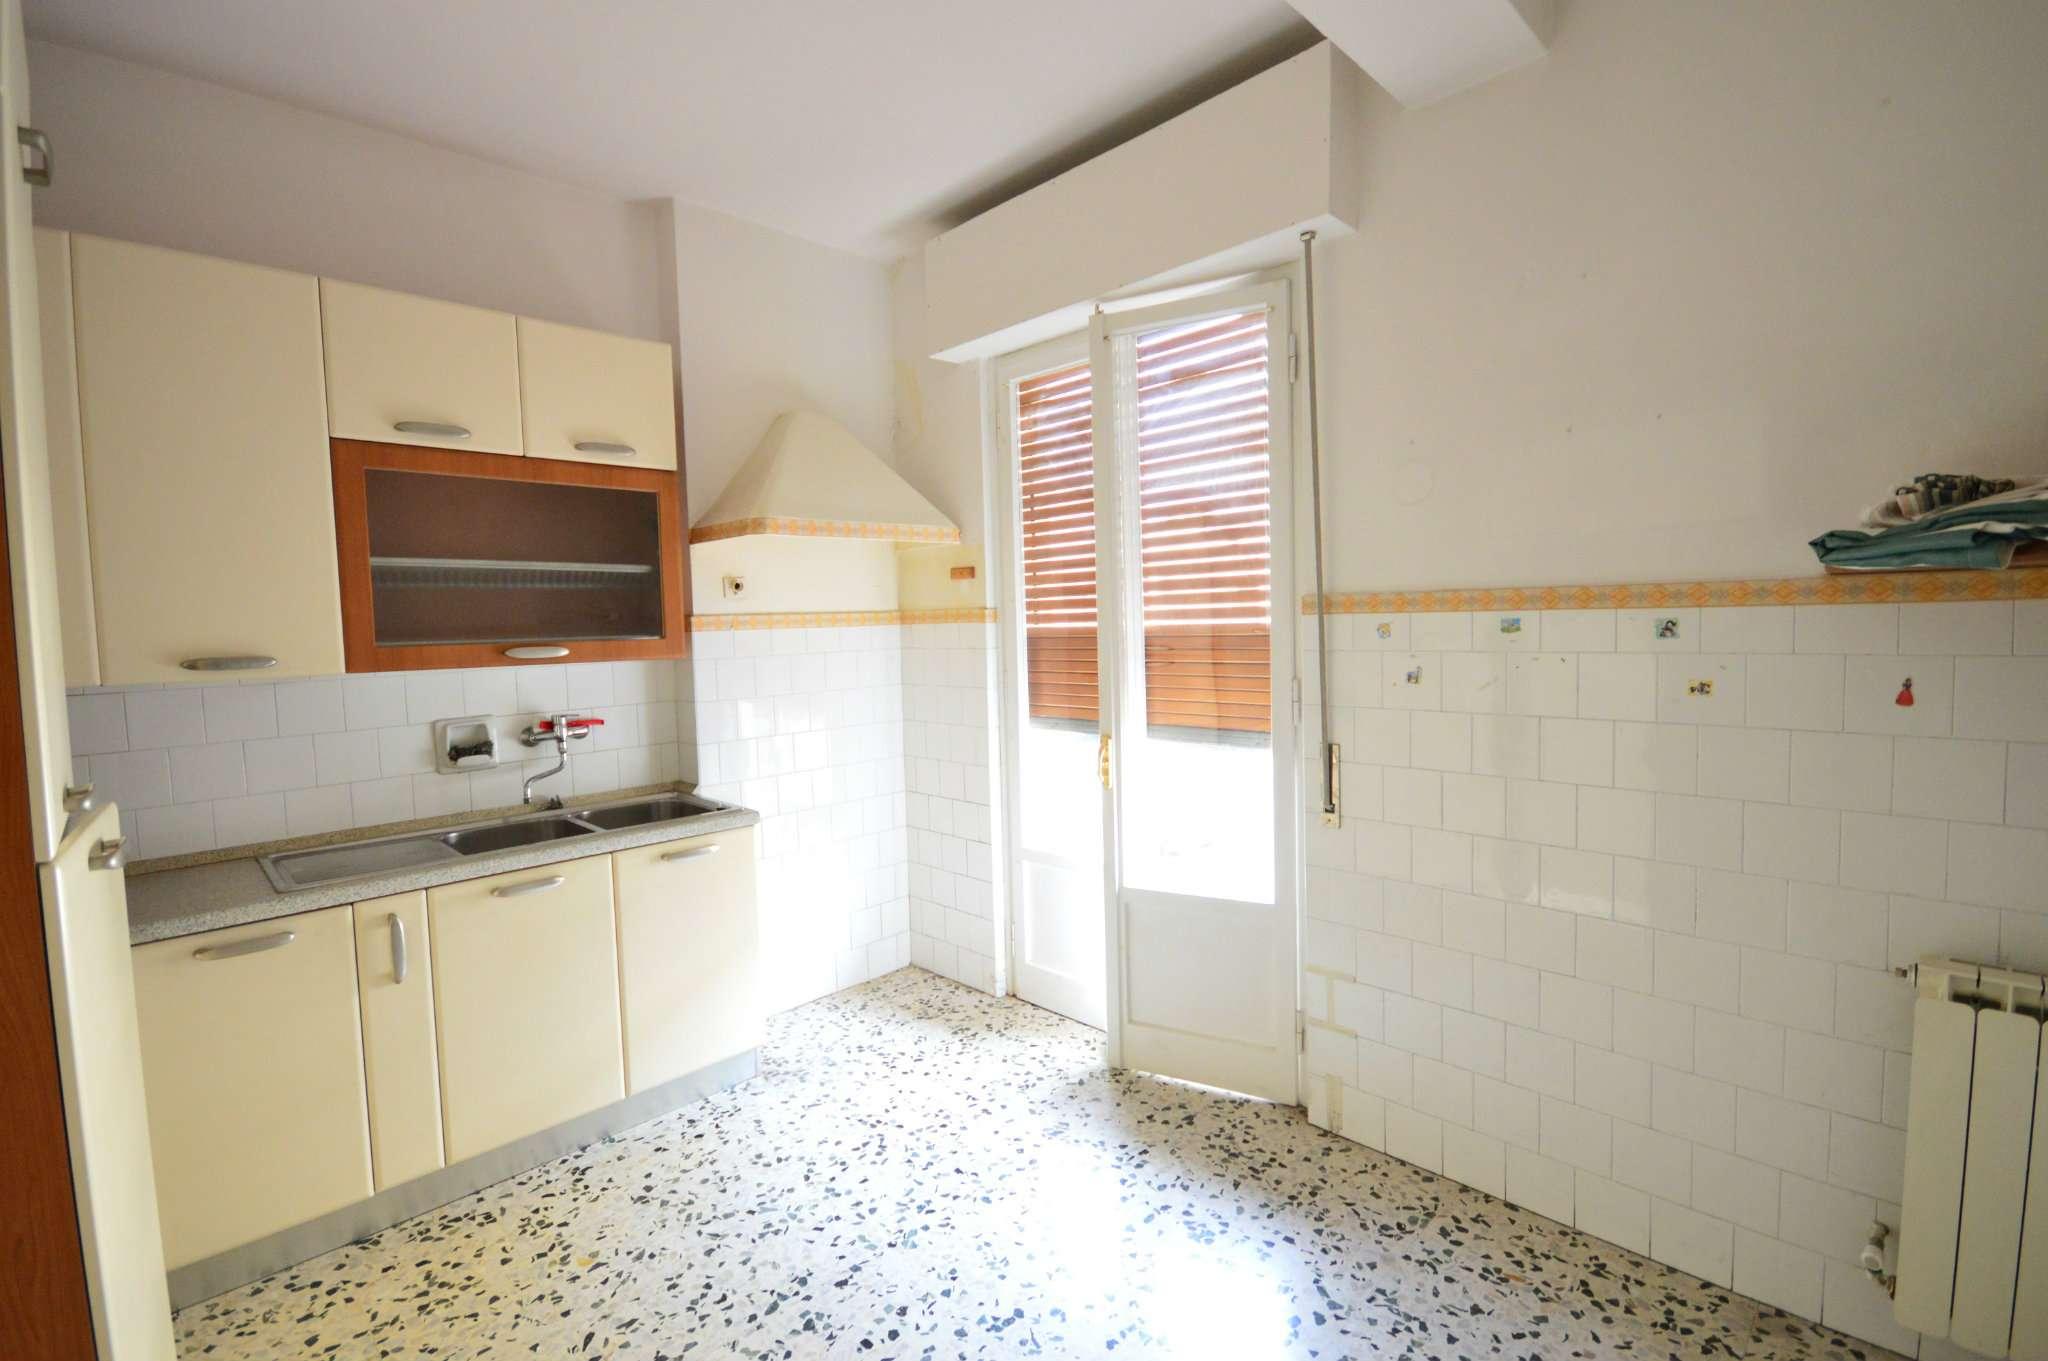 Appartamento in vendita a Montevarchi, 5 locali, prezzo € 105.000 | Cambio Casa.it